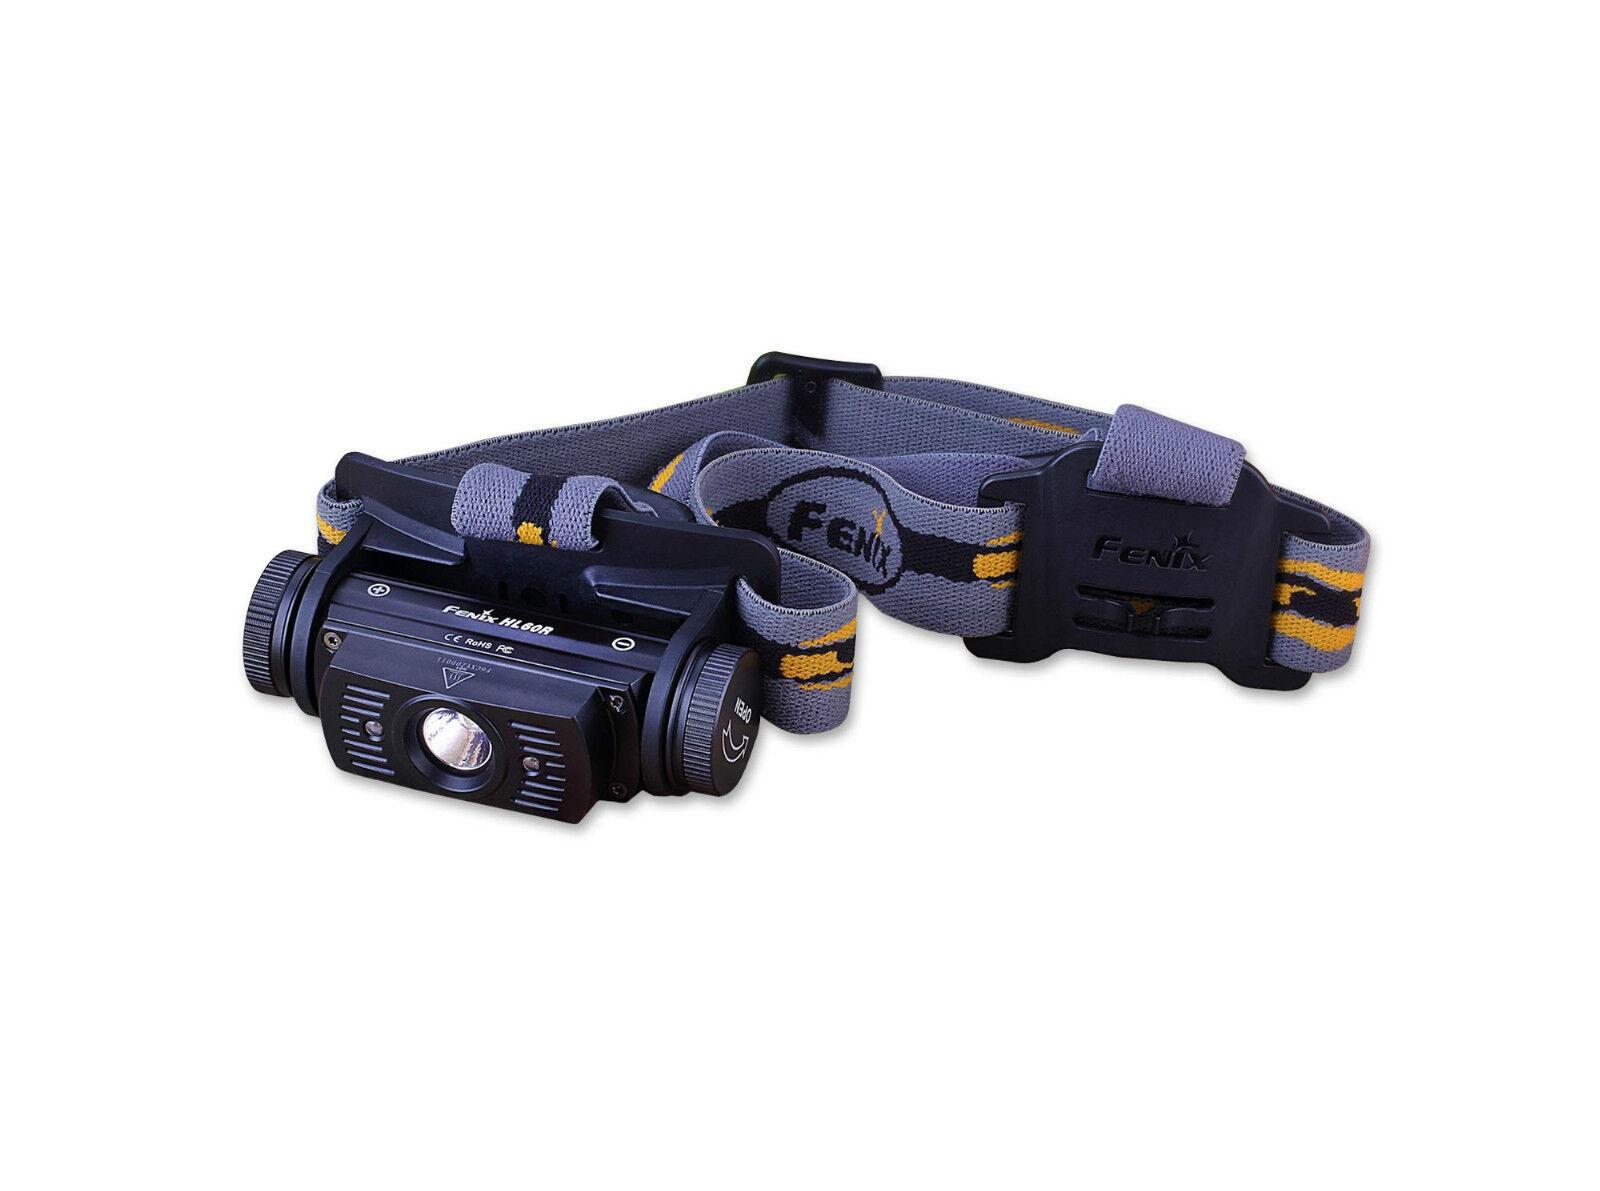 Böker 09FN060 Taschenlampe Fenix HL60R Stirnlampe Kopflampe Lampe Kopfleuchte